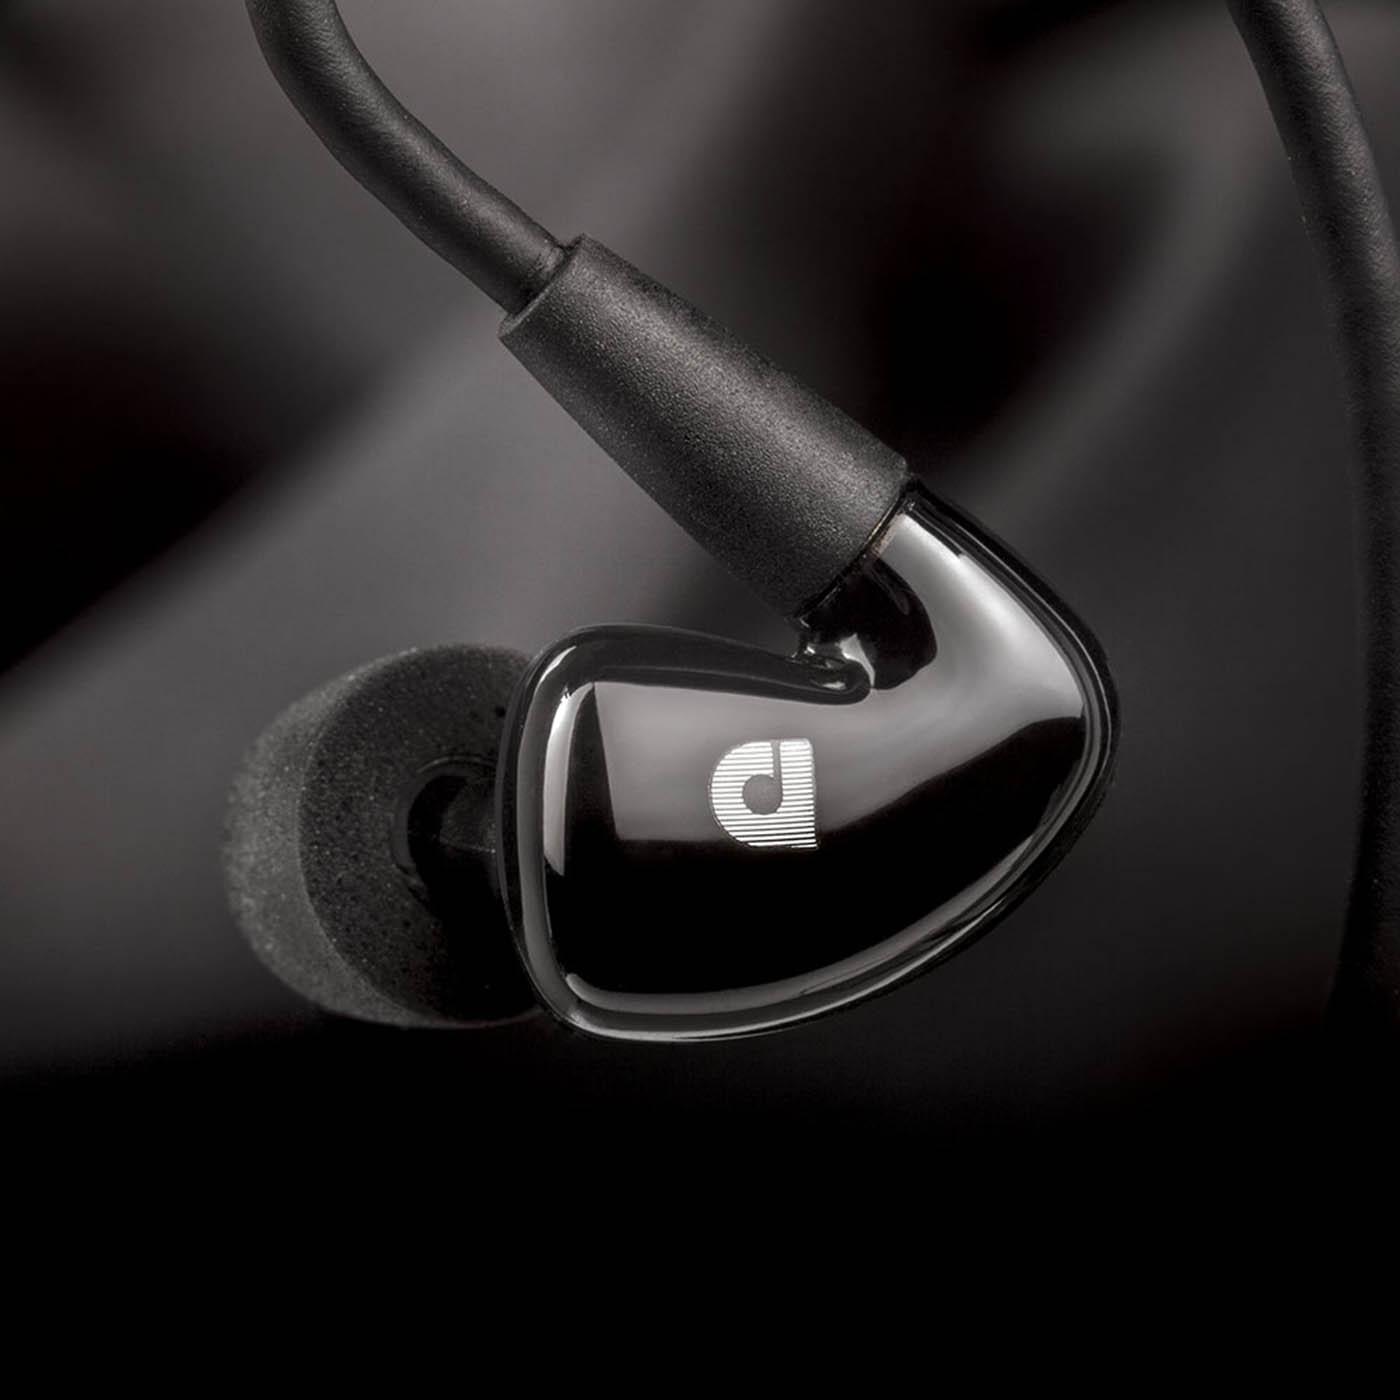 Hogyan lehet eltávolítani a fejhallgatót?, Fejhallgató párna tisztítás